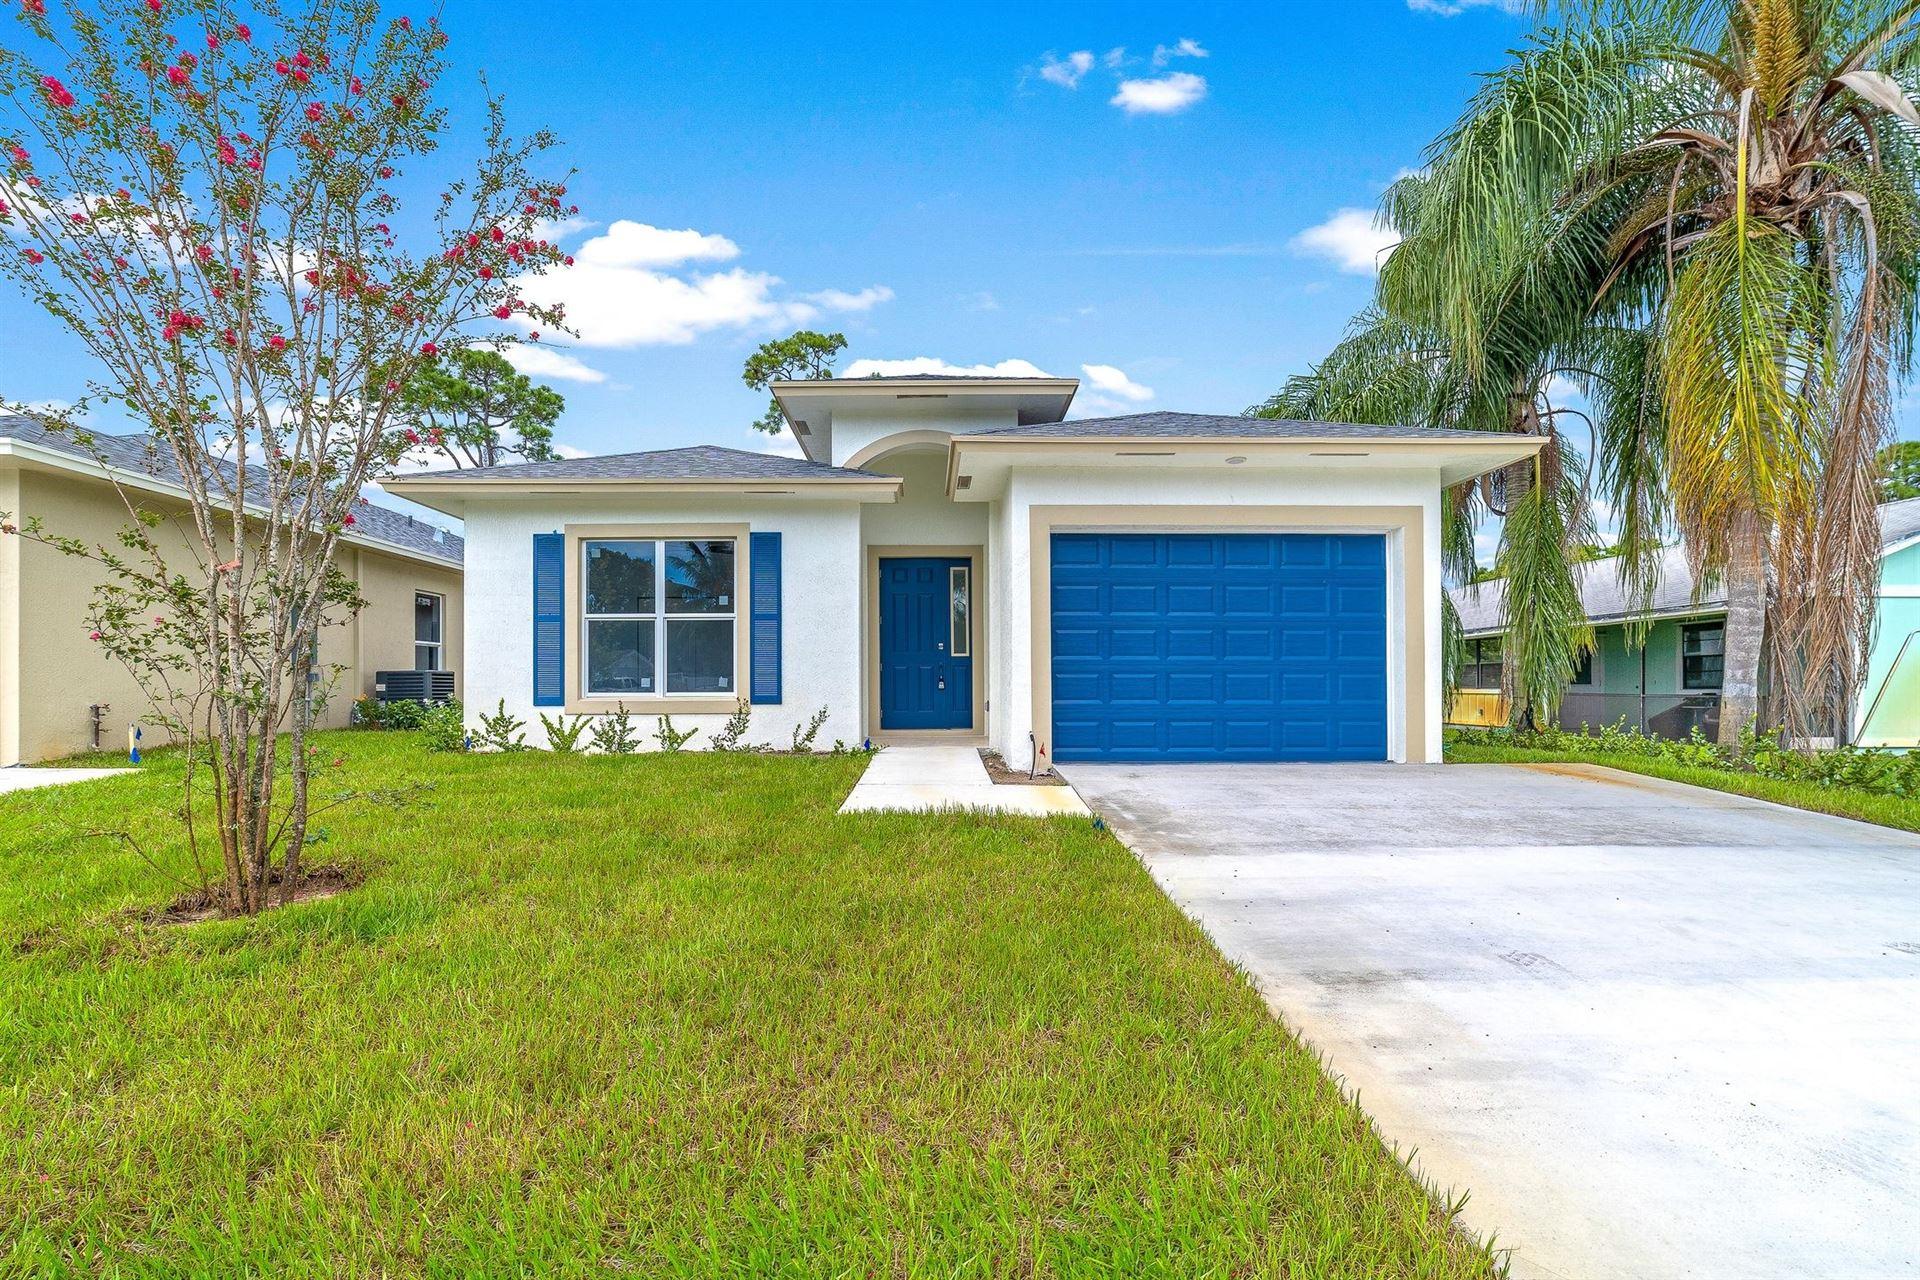 941 Fitch Drive, West Palm Beach, FL 33415 - #: RX-10659051